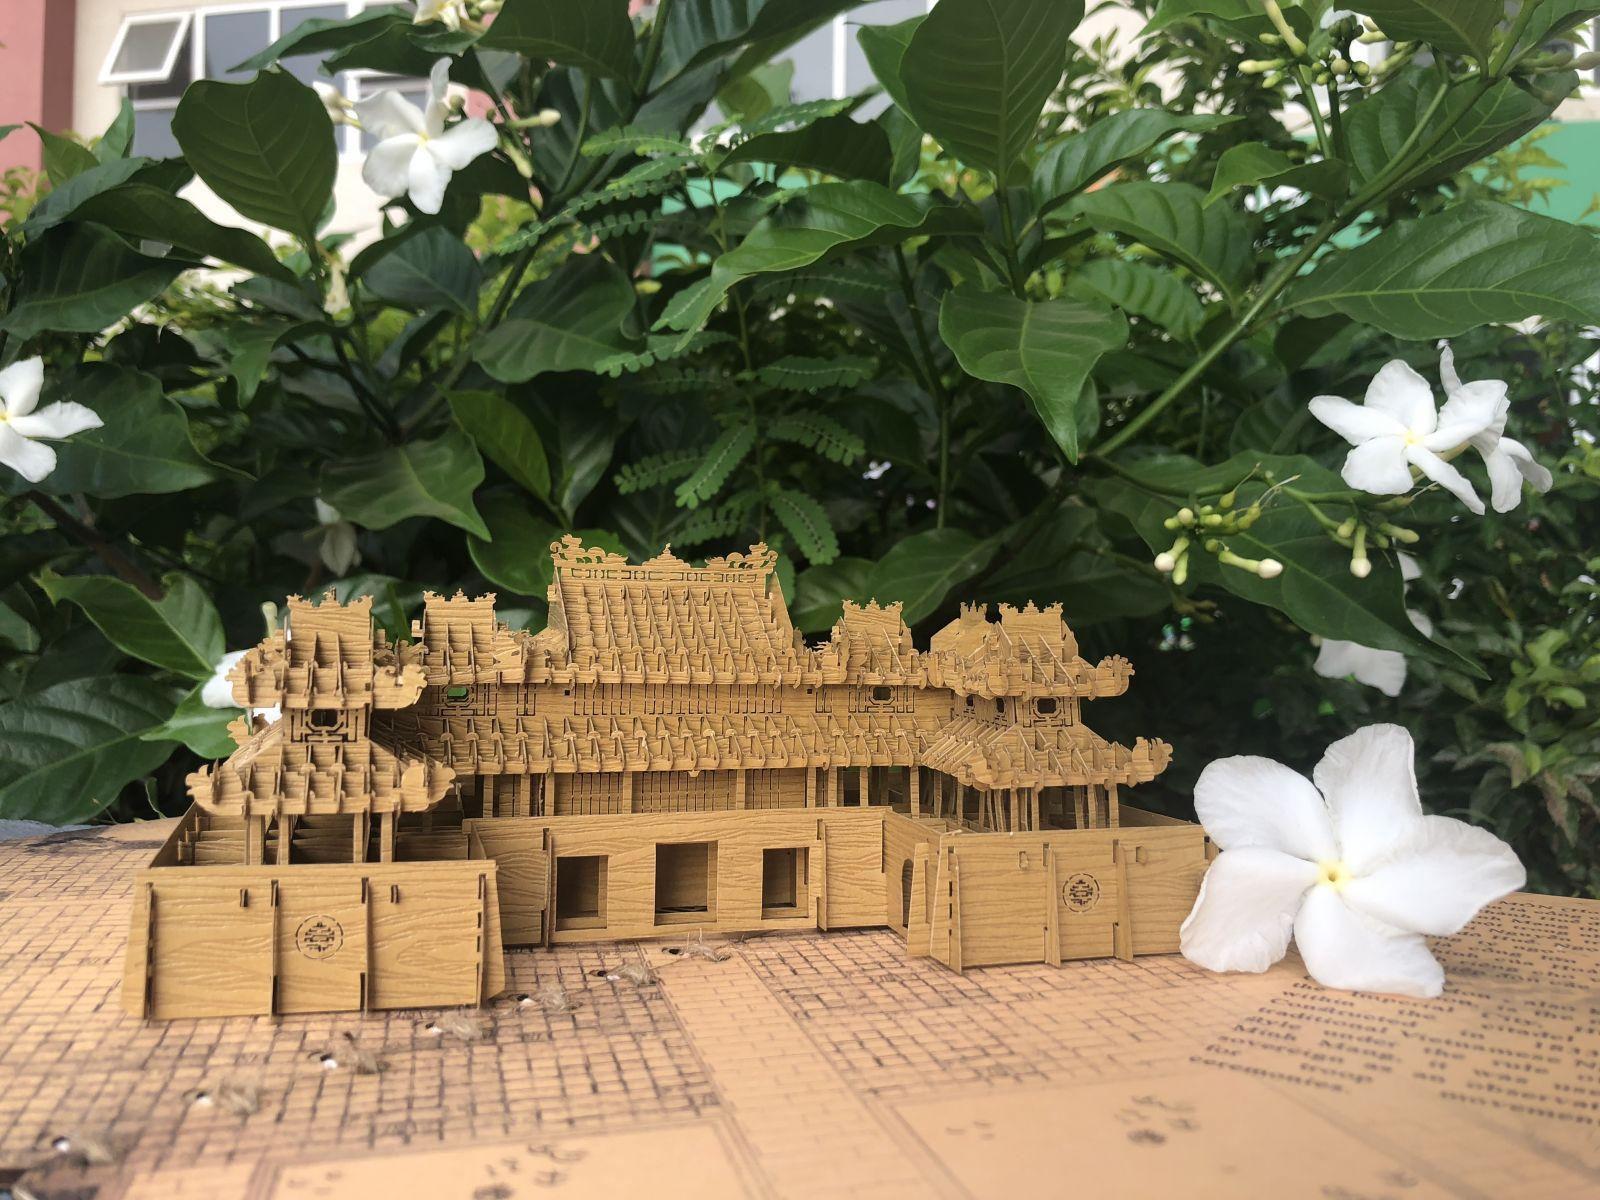 Ảnh: Thiệp 3D Ngọ Môn Huế do Tayta thiết kế với chi tiết tỉ mỉ